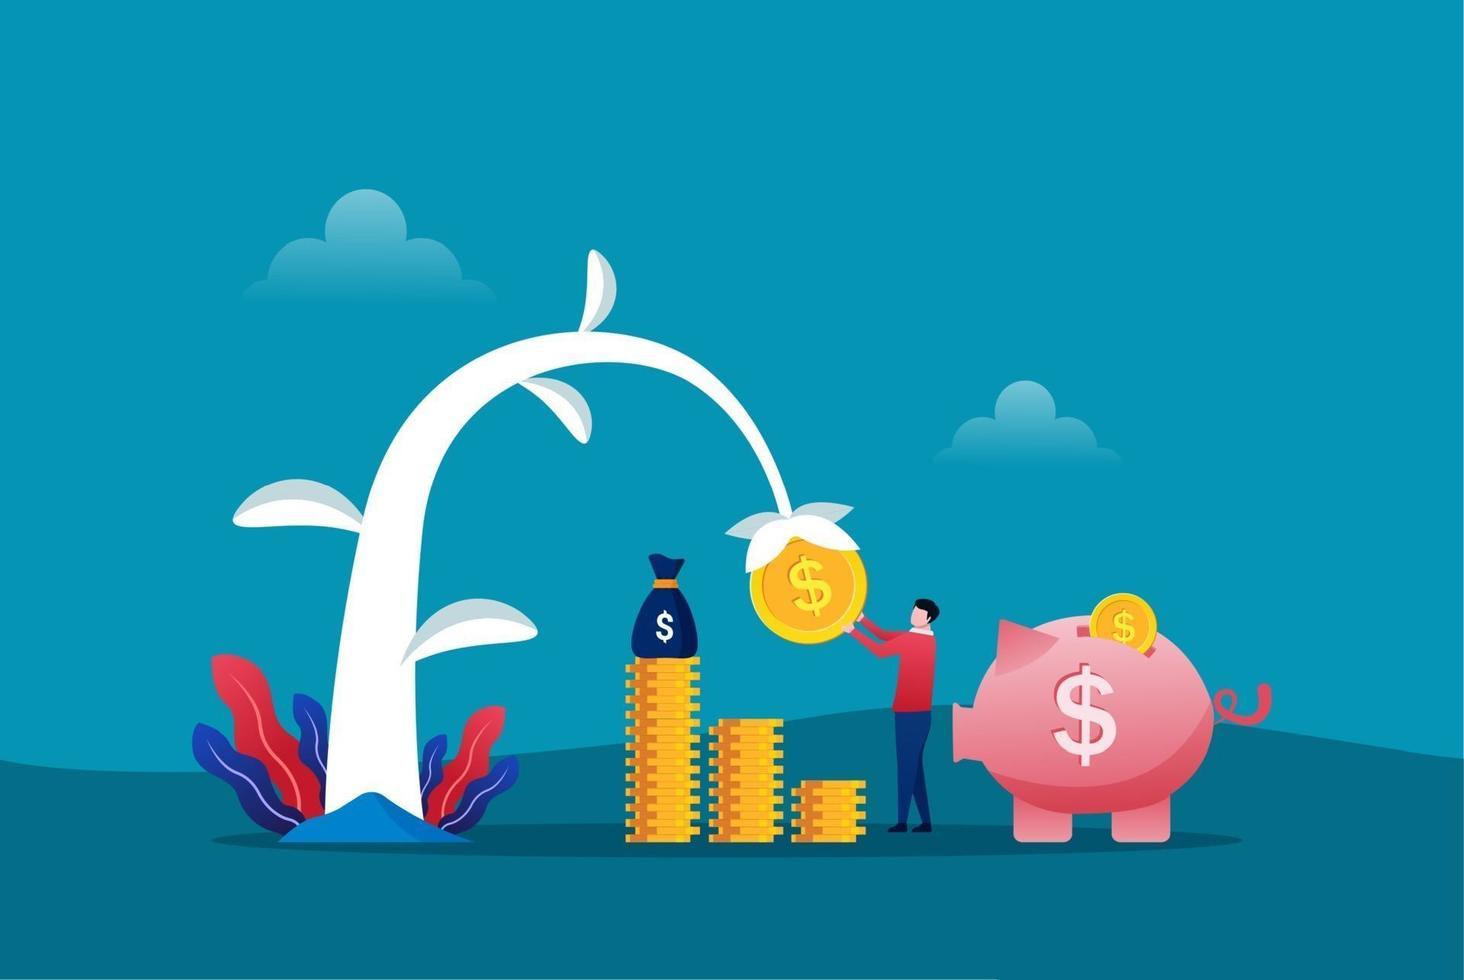 agriculteur plantant un arbre à argent et ramassant des dollars. croissance des bénéfices financiers et illustration vectorielle intelligente investir. retour sur investissement avec symbole tirelire vecteur